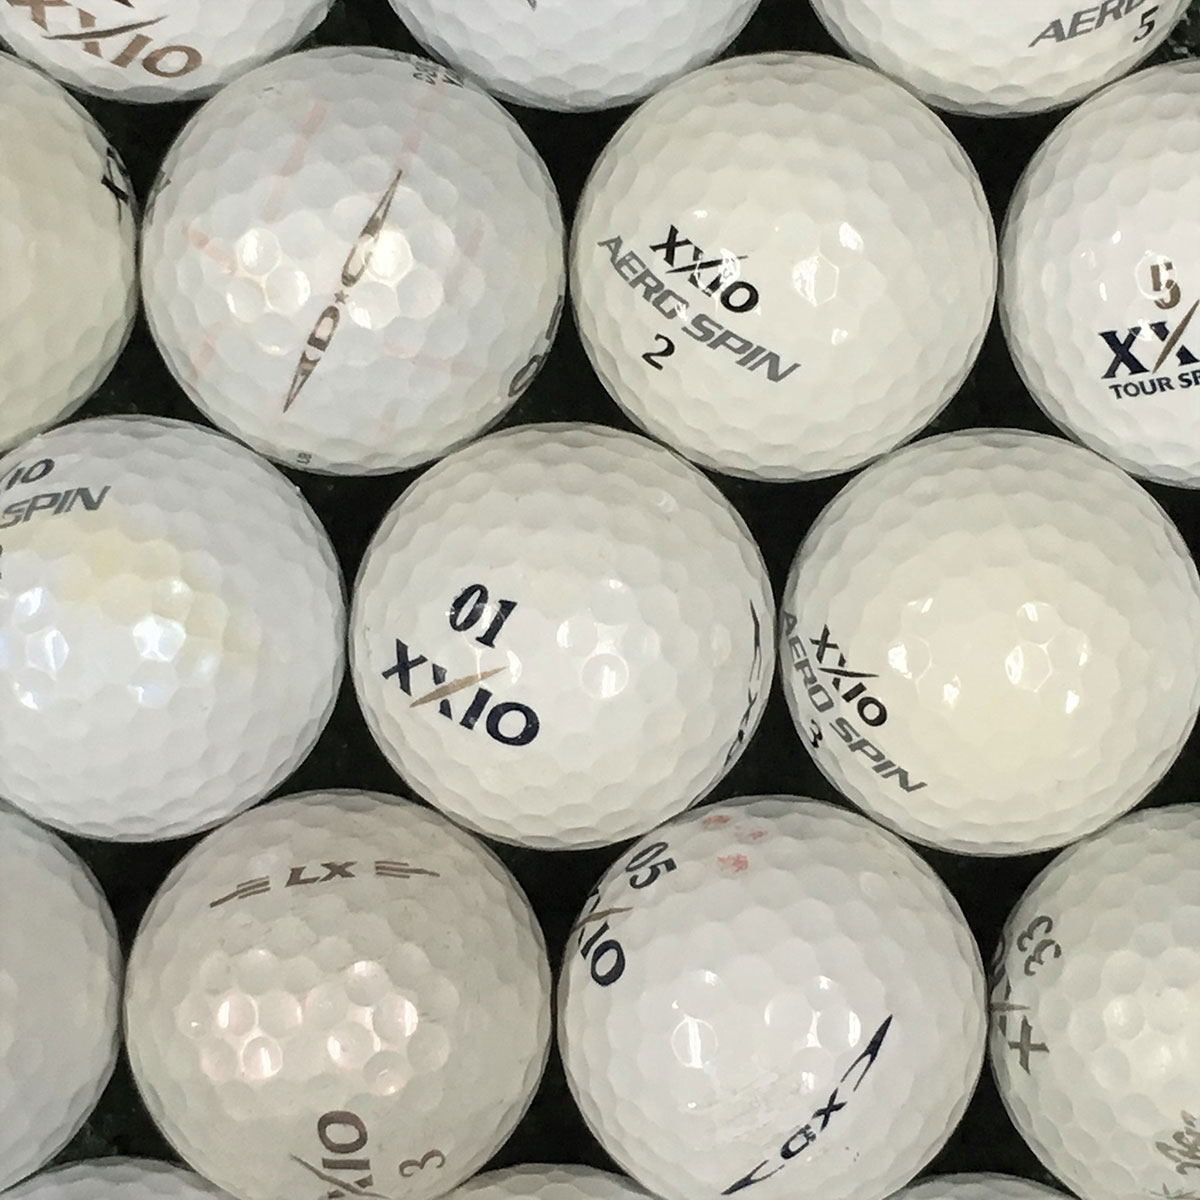 XXIO混合 練習用ボール 500個セット